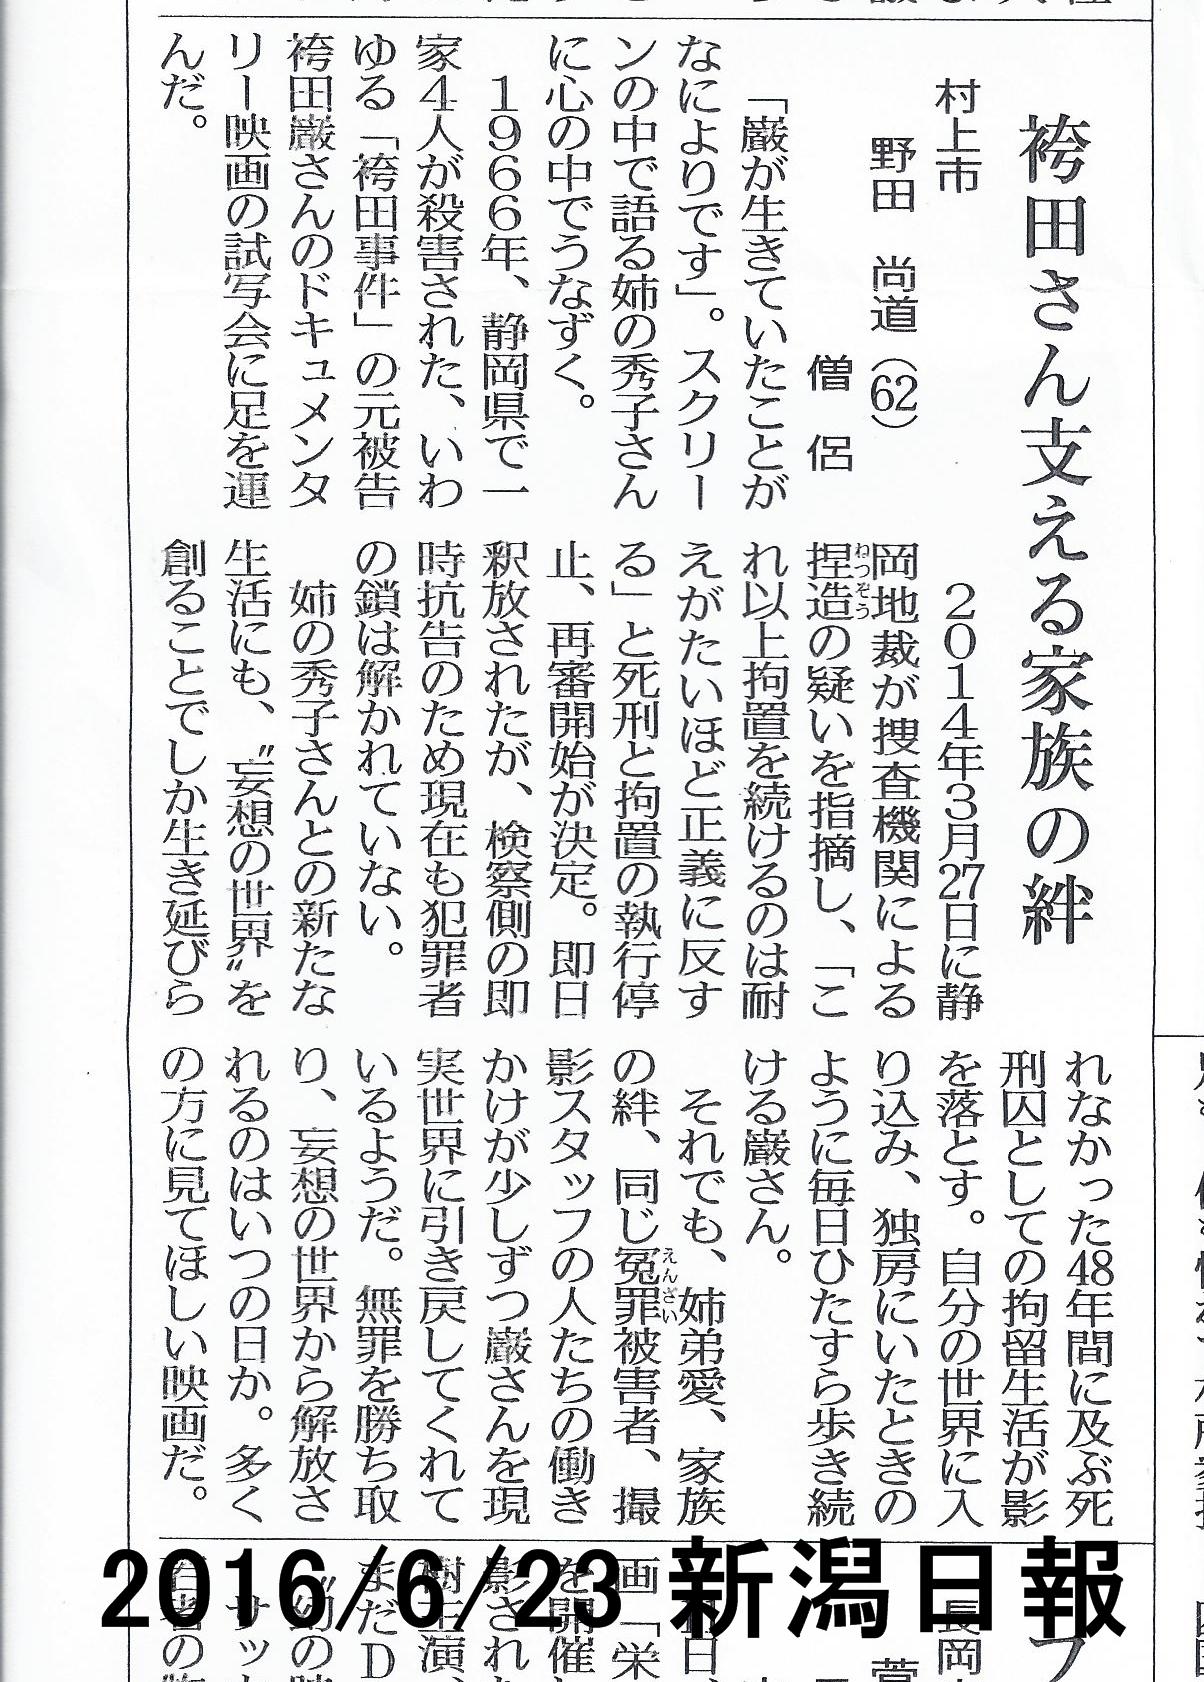 2016.6.23 新潟日報